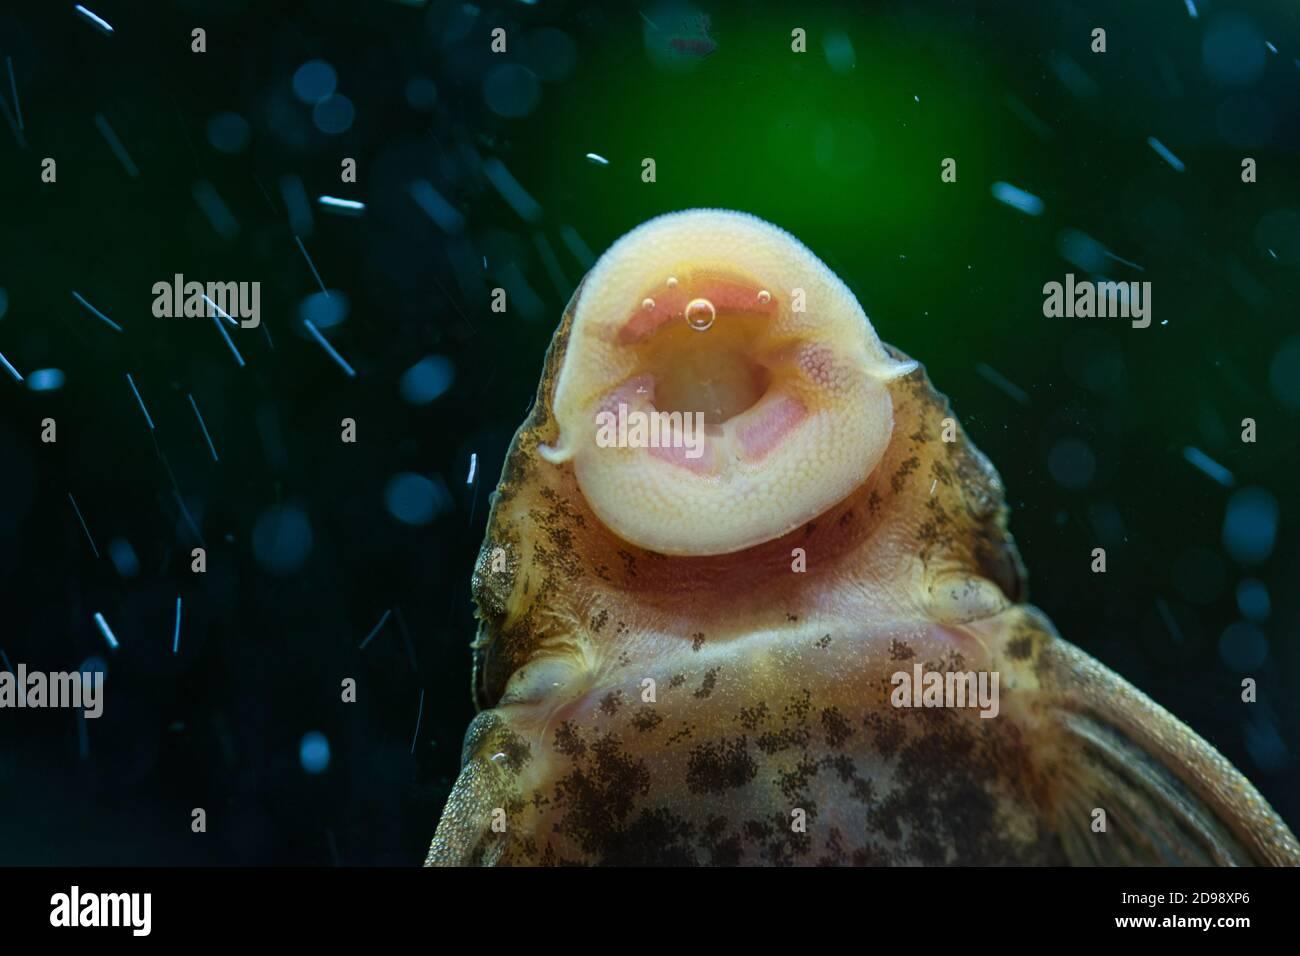 Un pez alga chupando algas de la pared del tanque del acuario, detallado de cerca de la textura de la boca del pez y de la parte inferior del cuerpo, verde oscuro borroso backgr Foto de stock